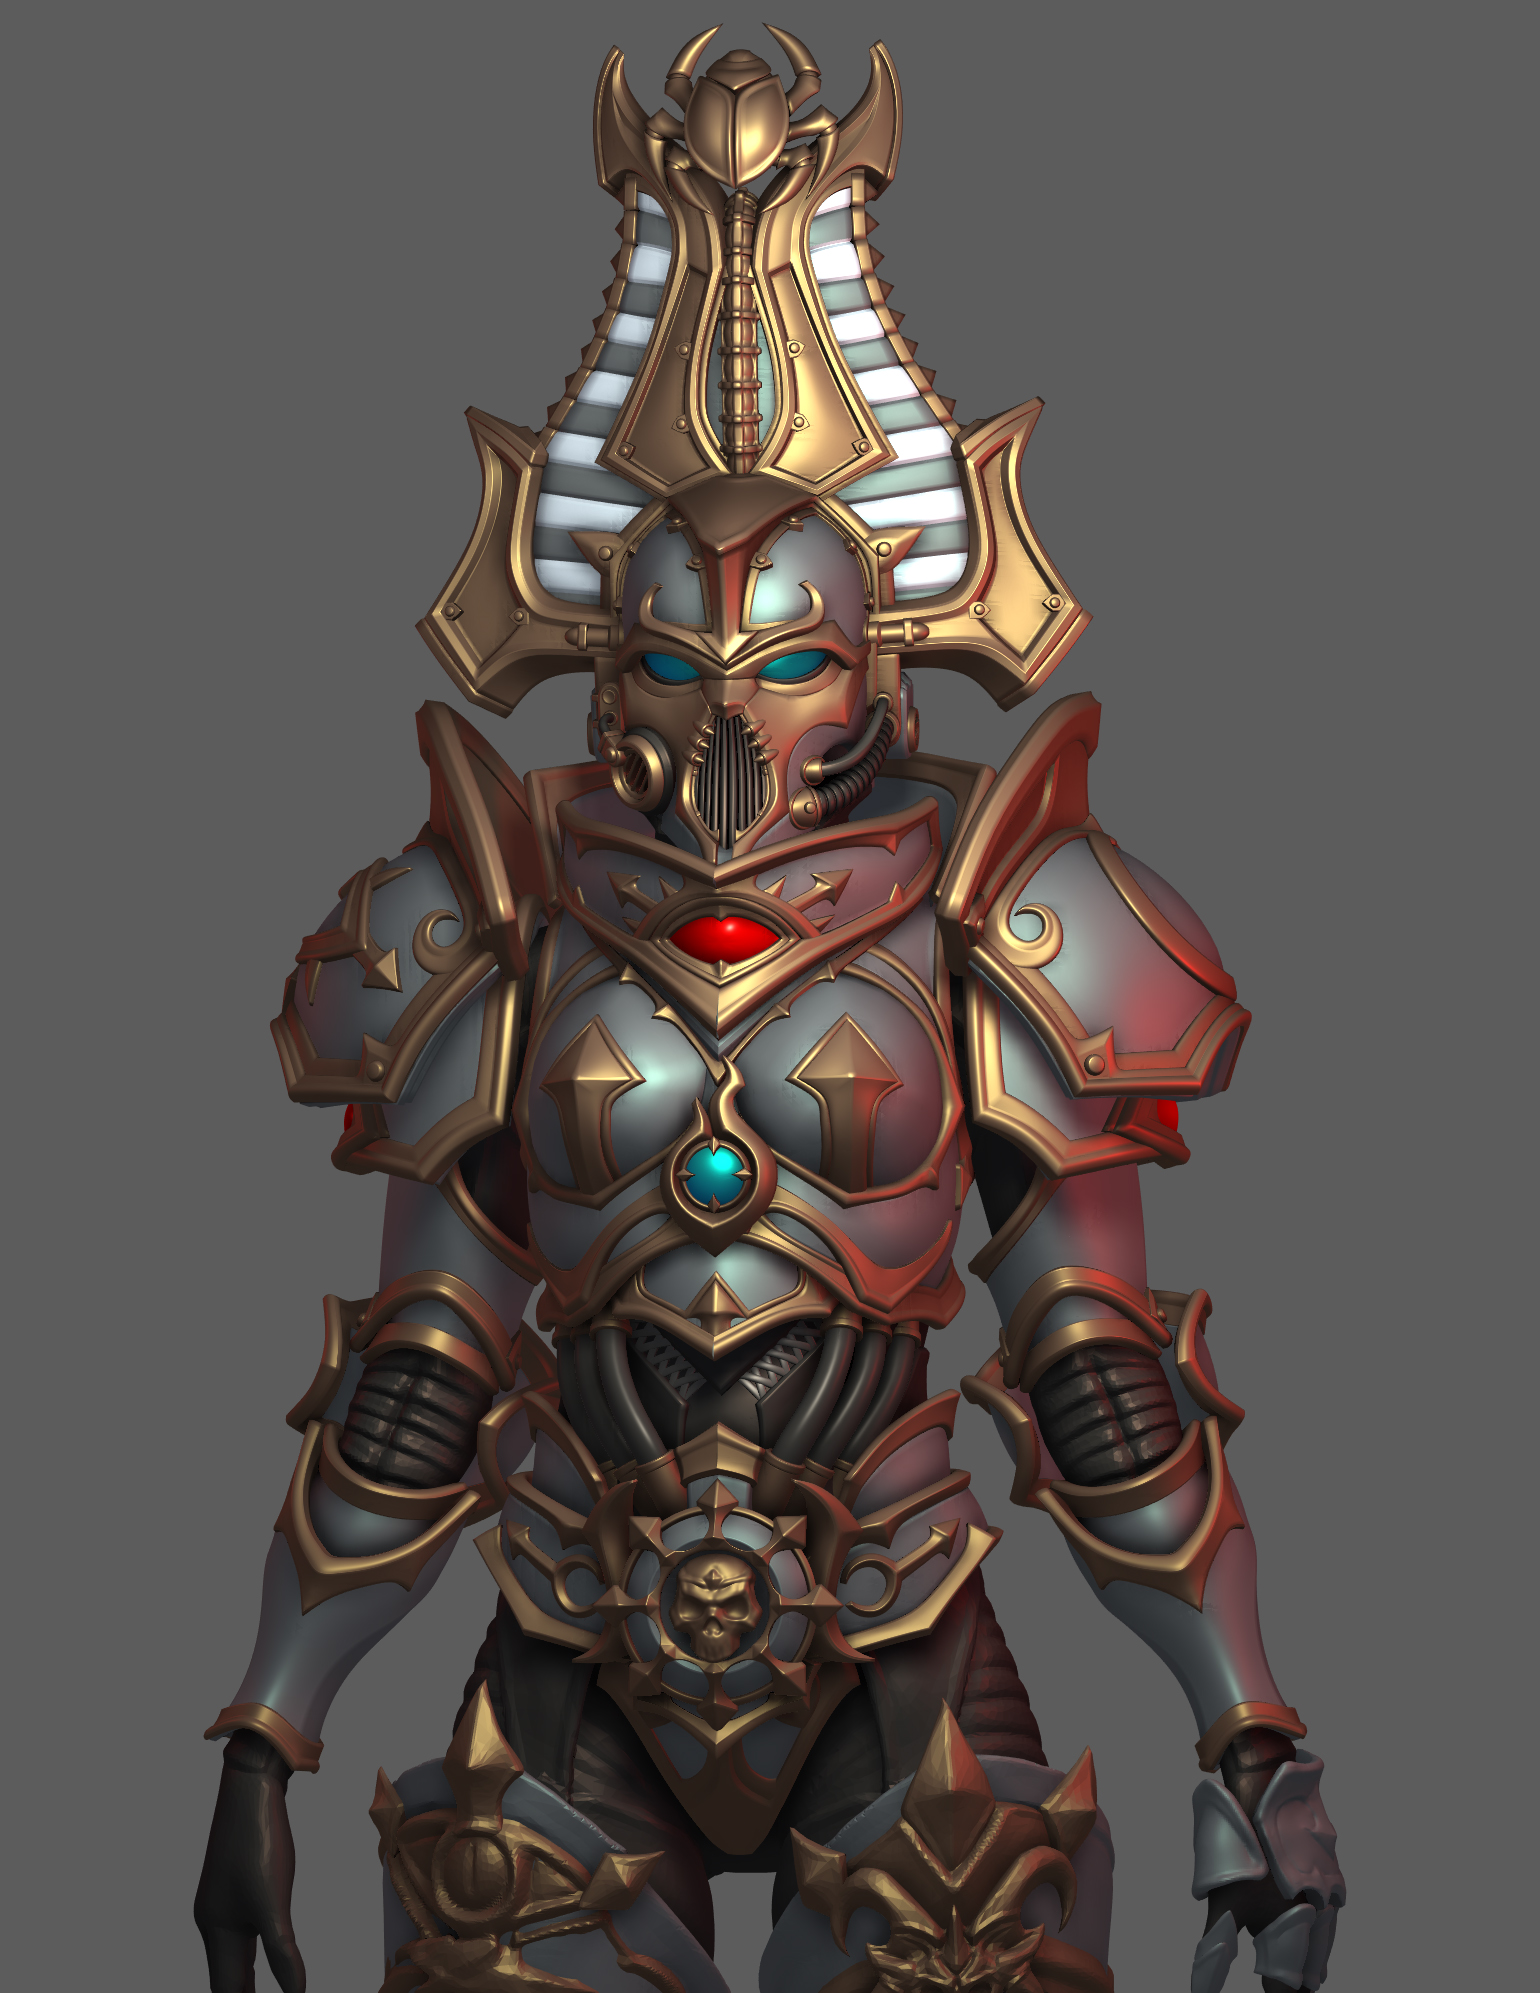 Armor_WIP_01.jpg